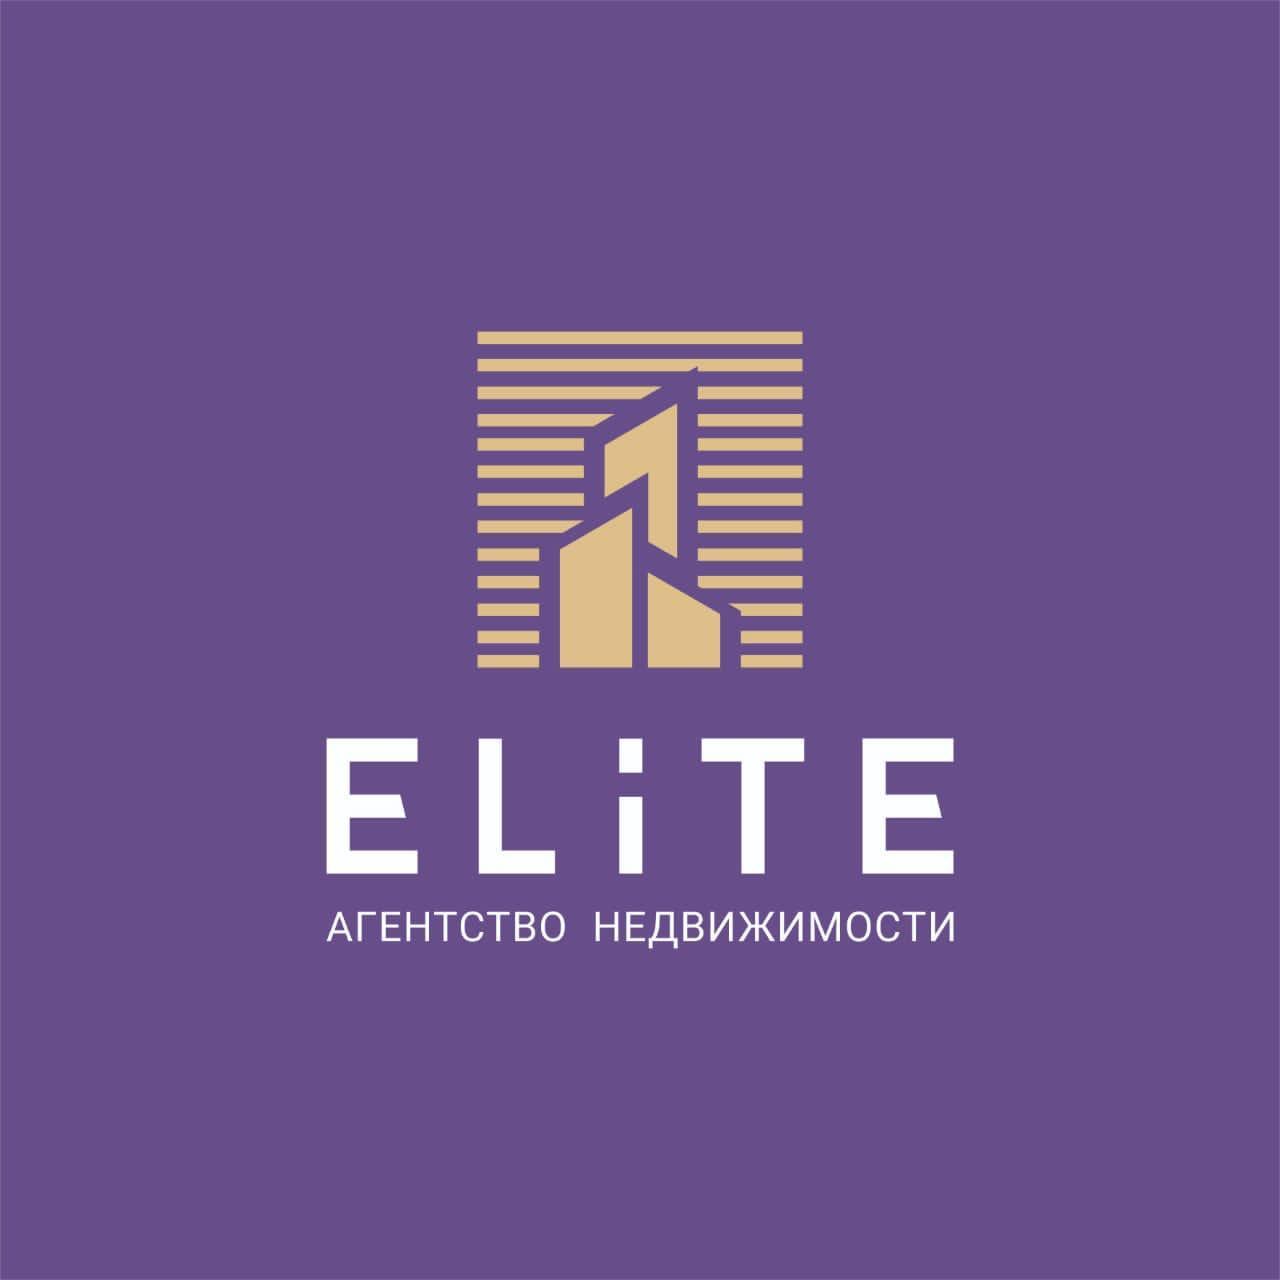 Elite агентство работа моделью в новосибирске вакансии